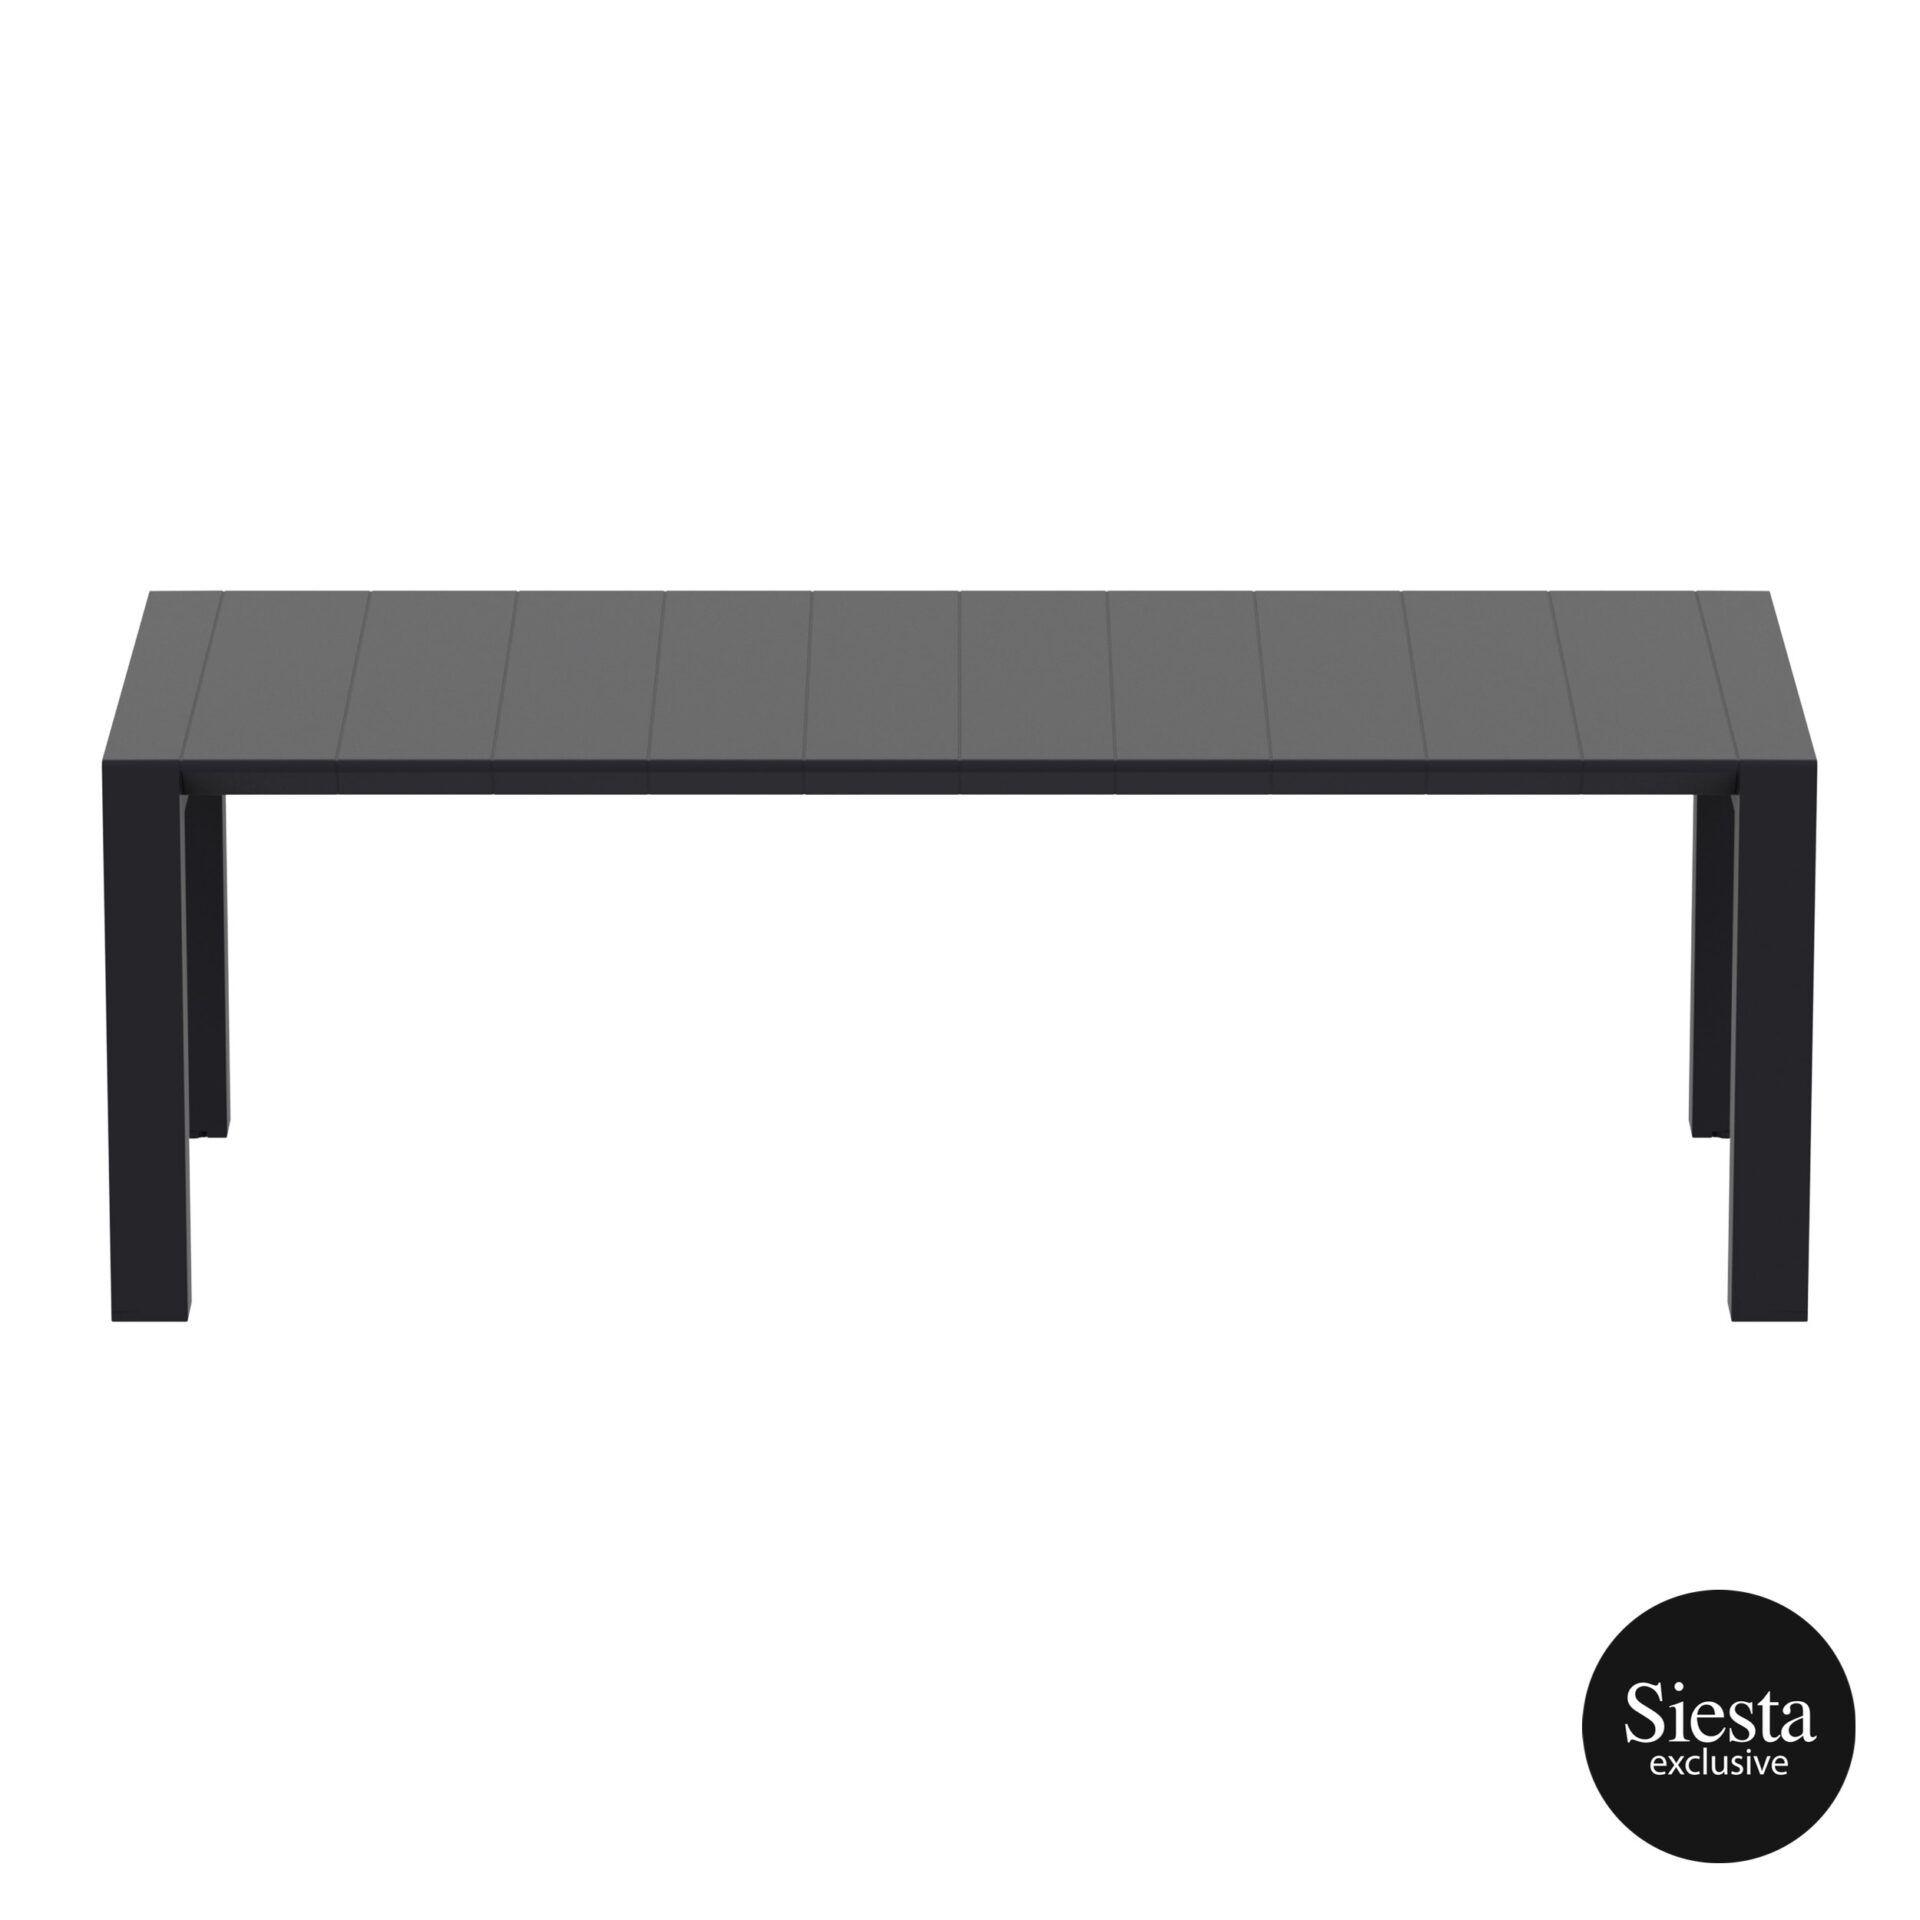 003 vegas table medium 220 black long edge